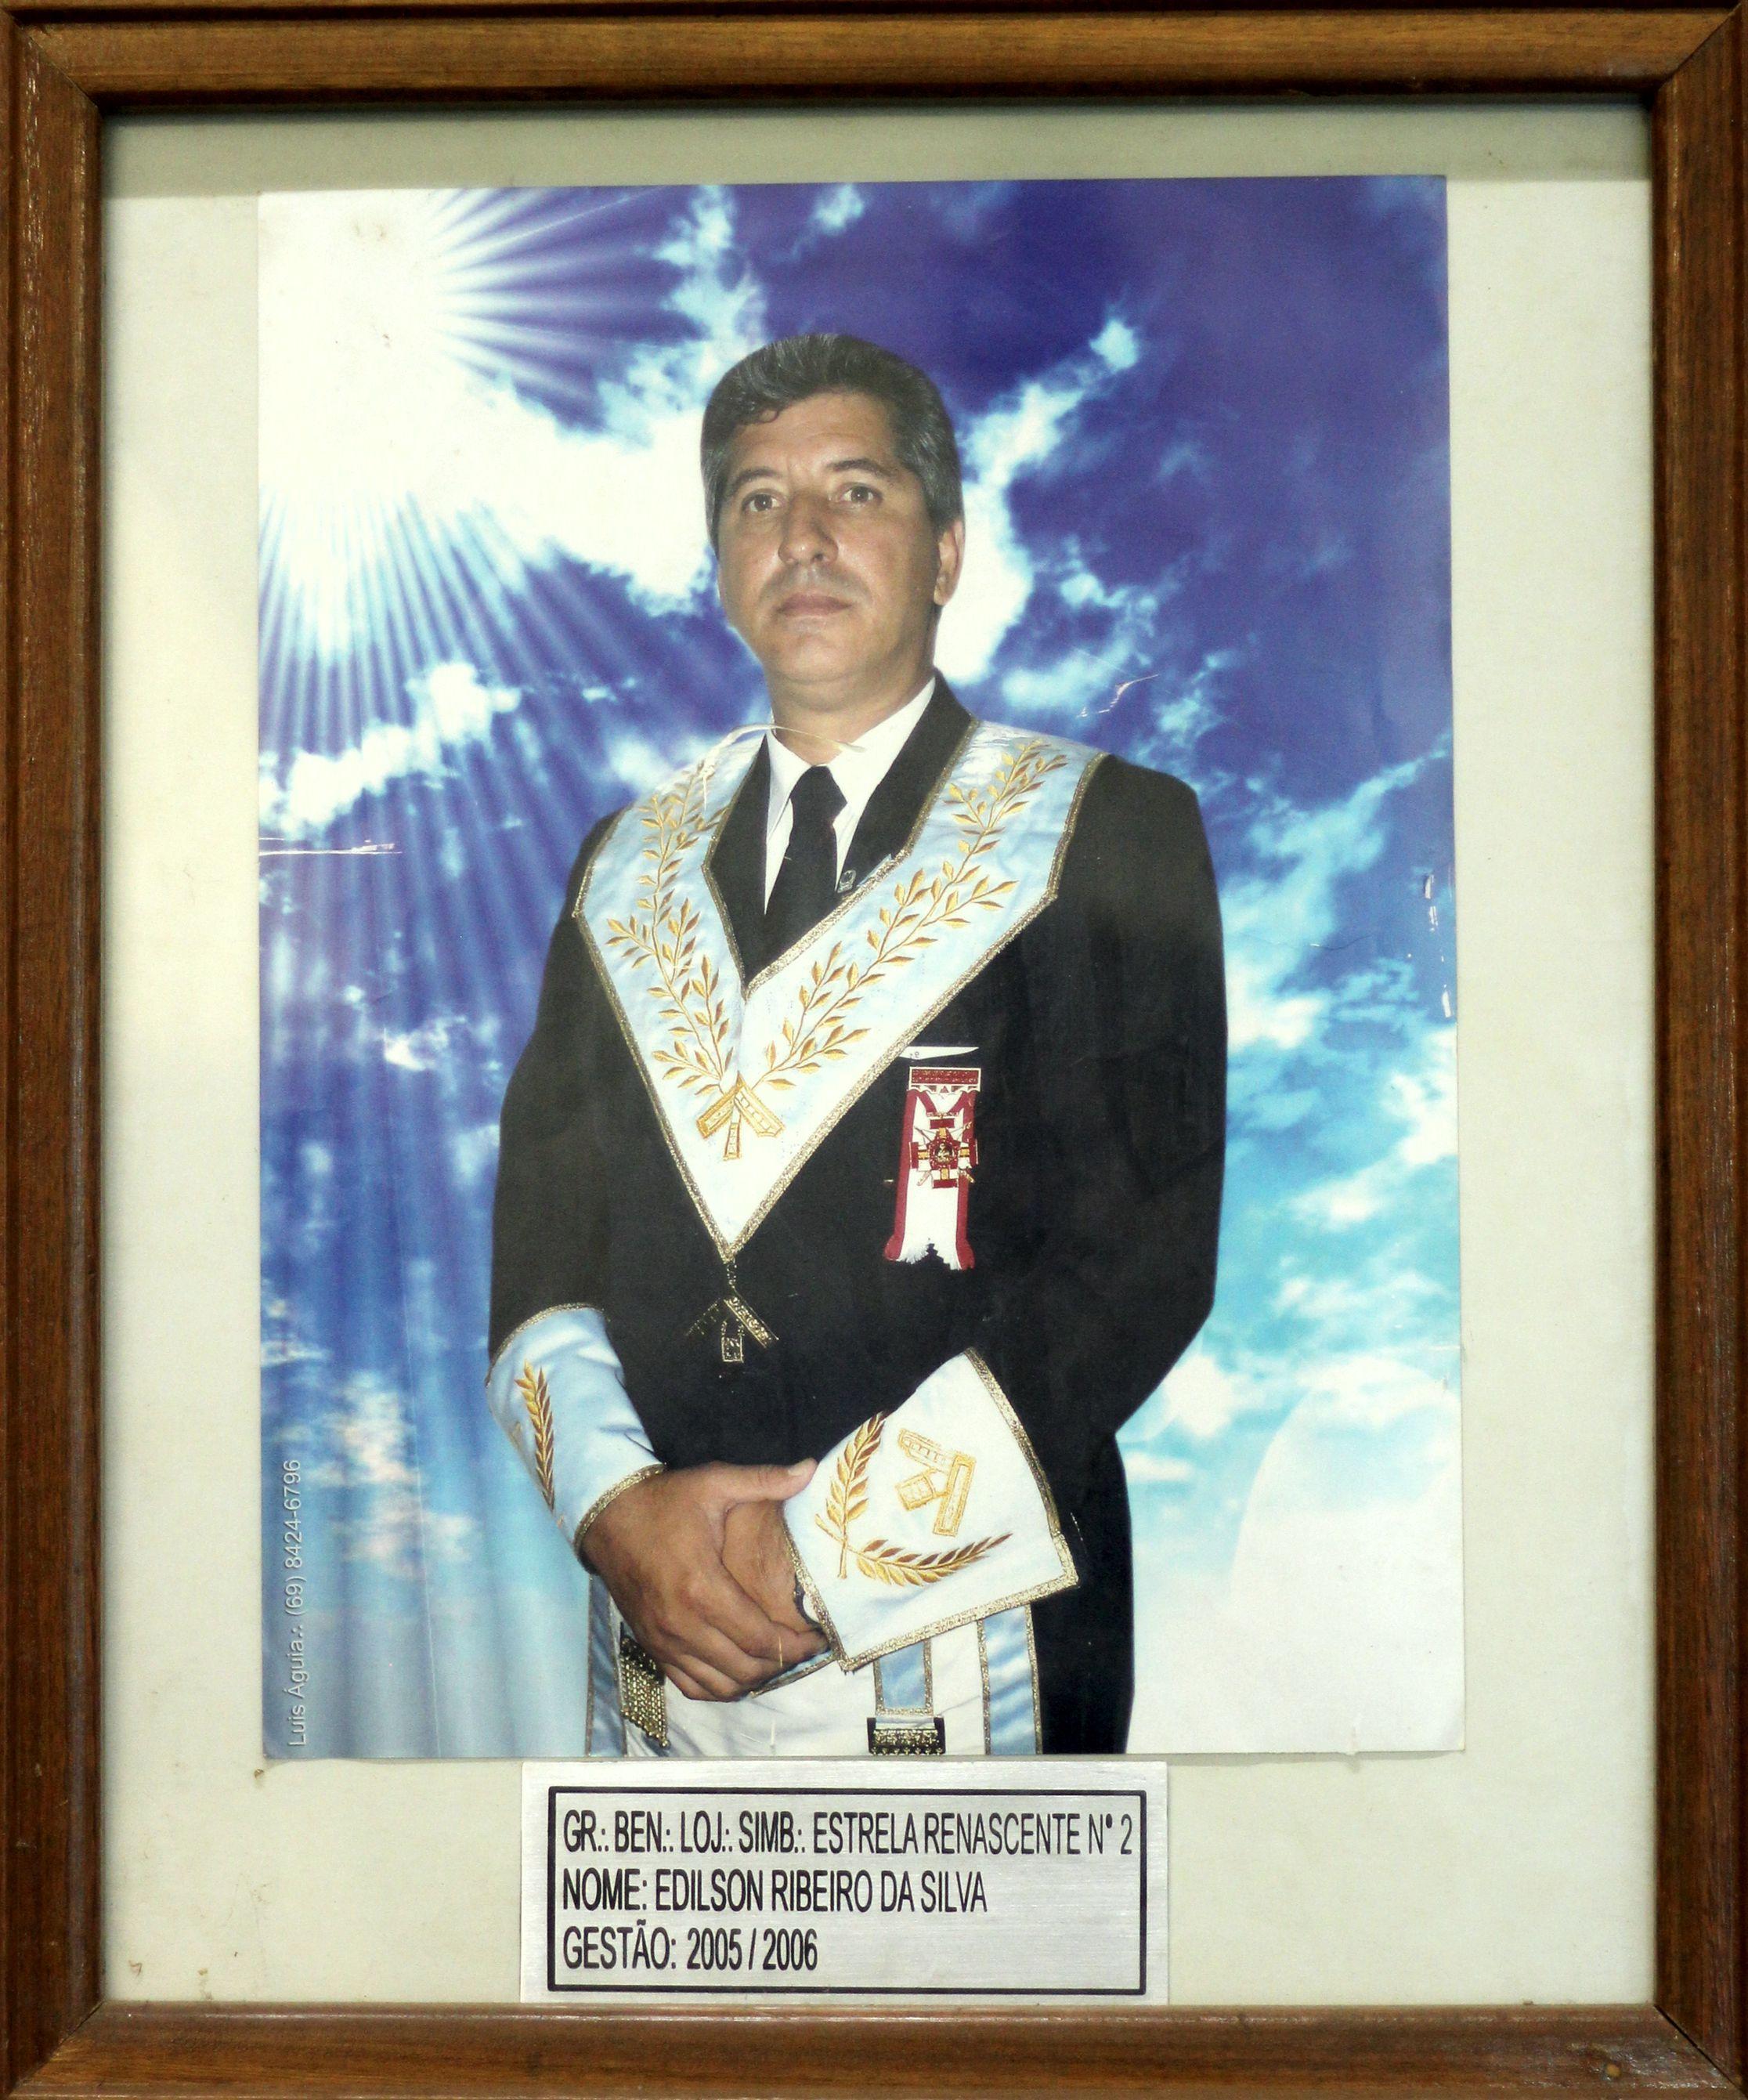 19 - Edilson Ribeiro da Silva